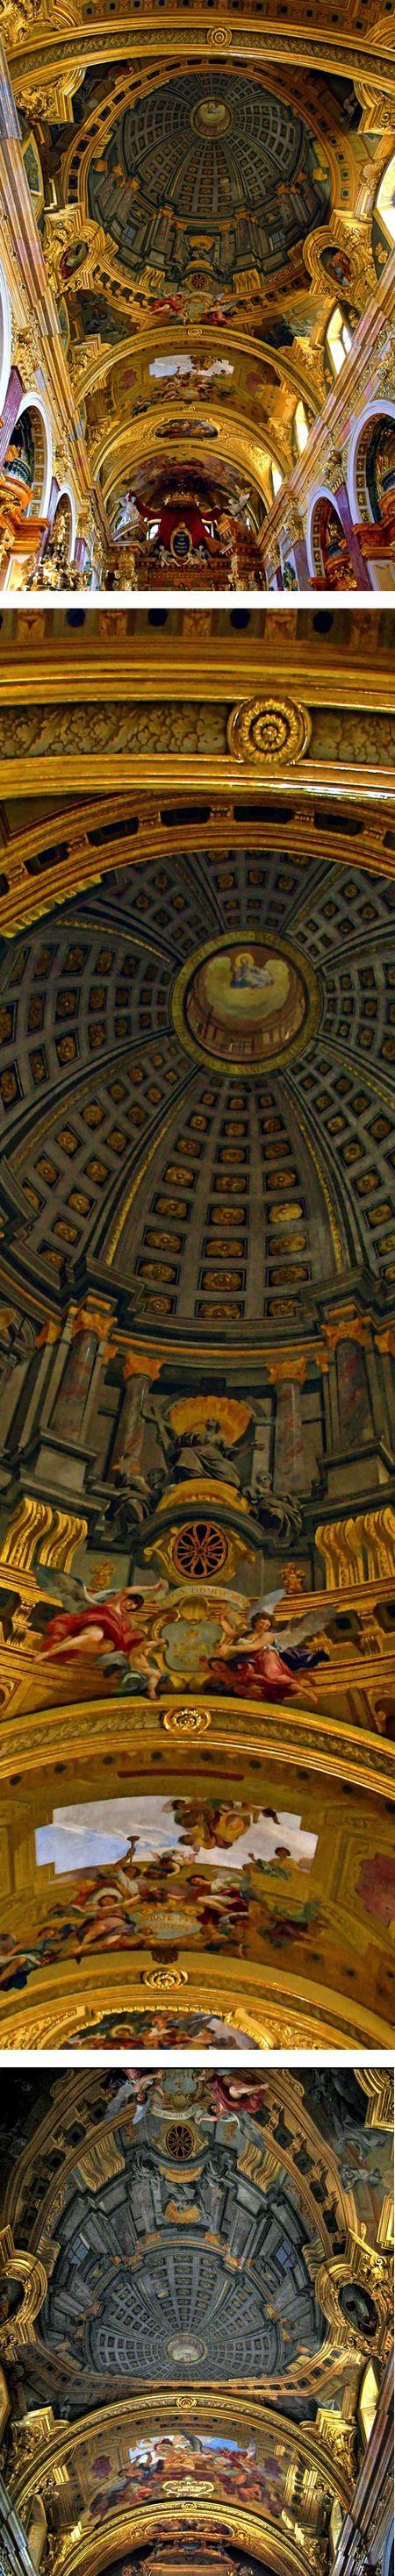 Andrea Pozzo - Jesuit Church Vienne